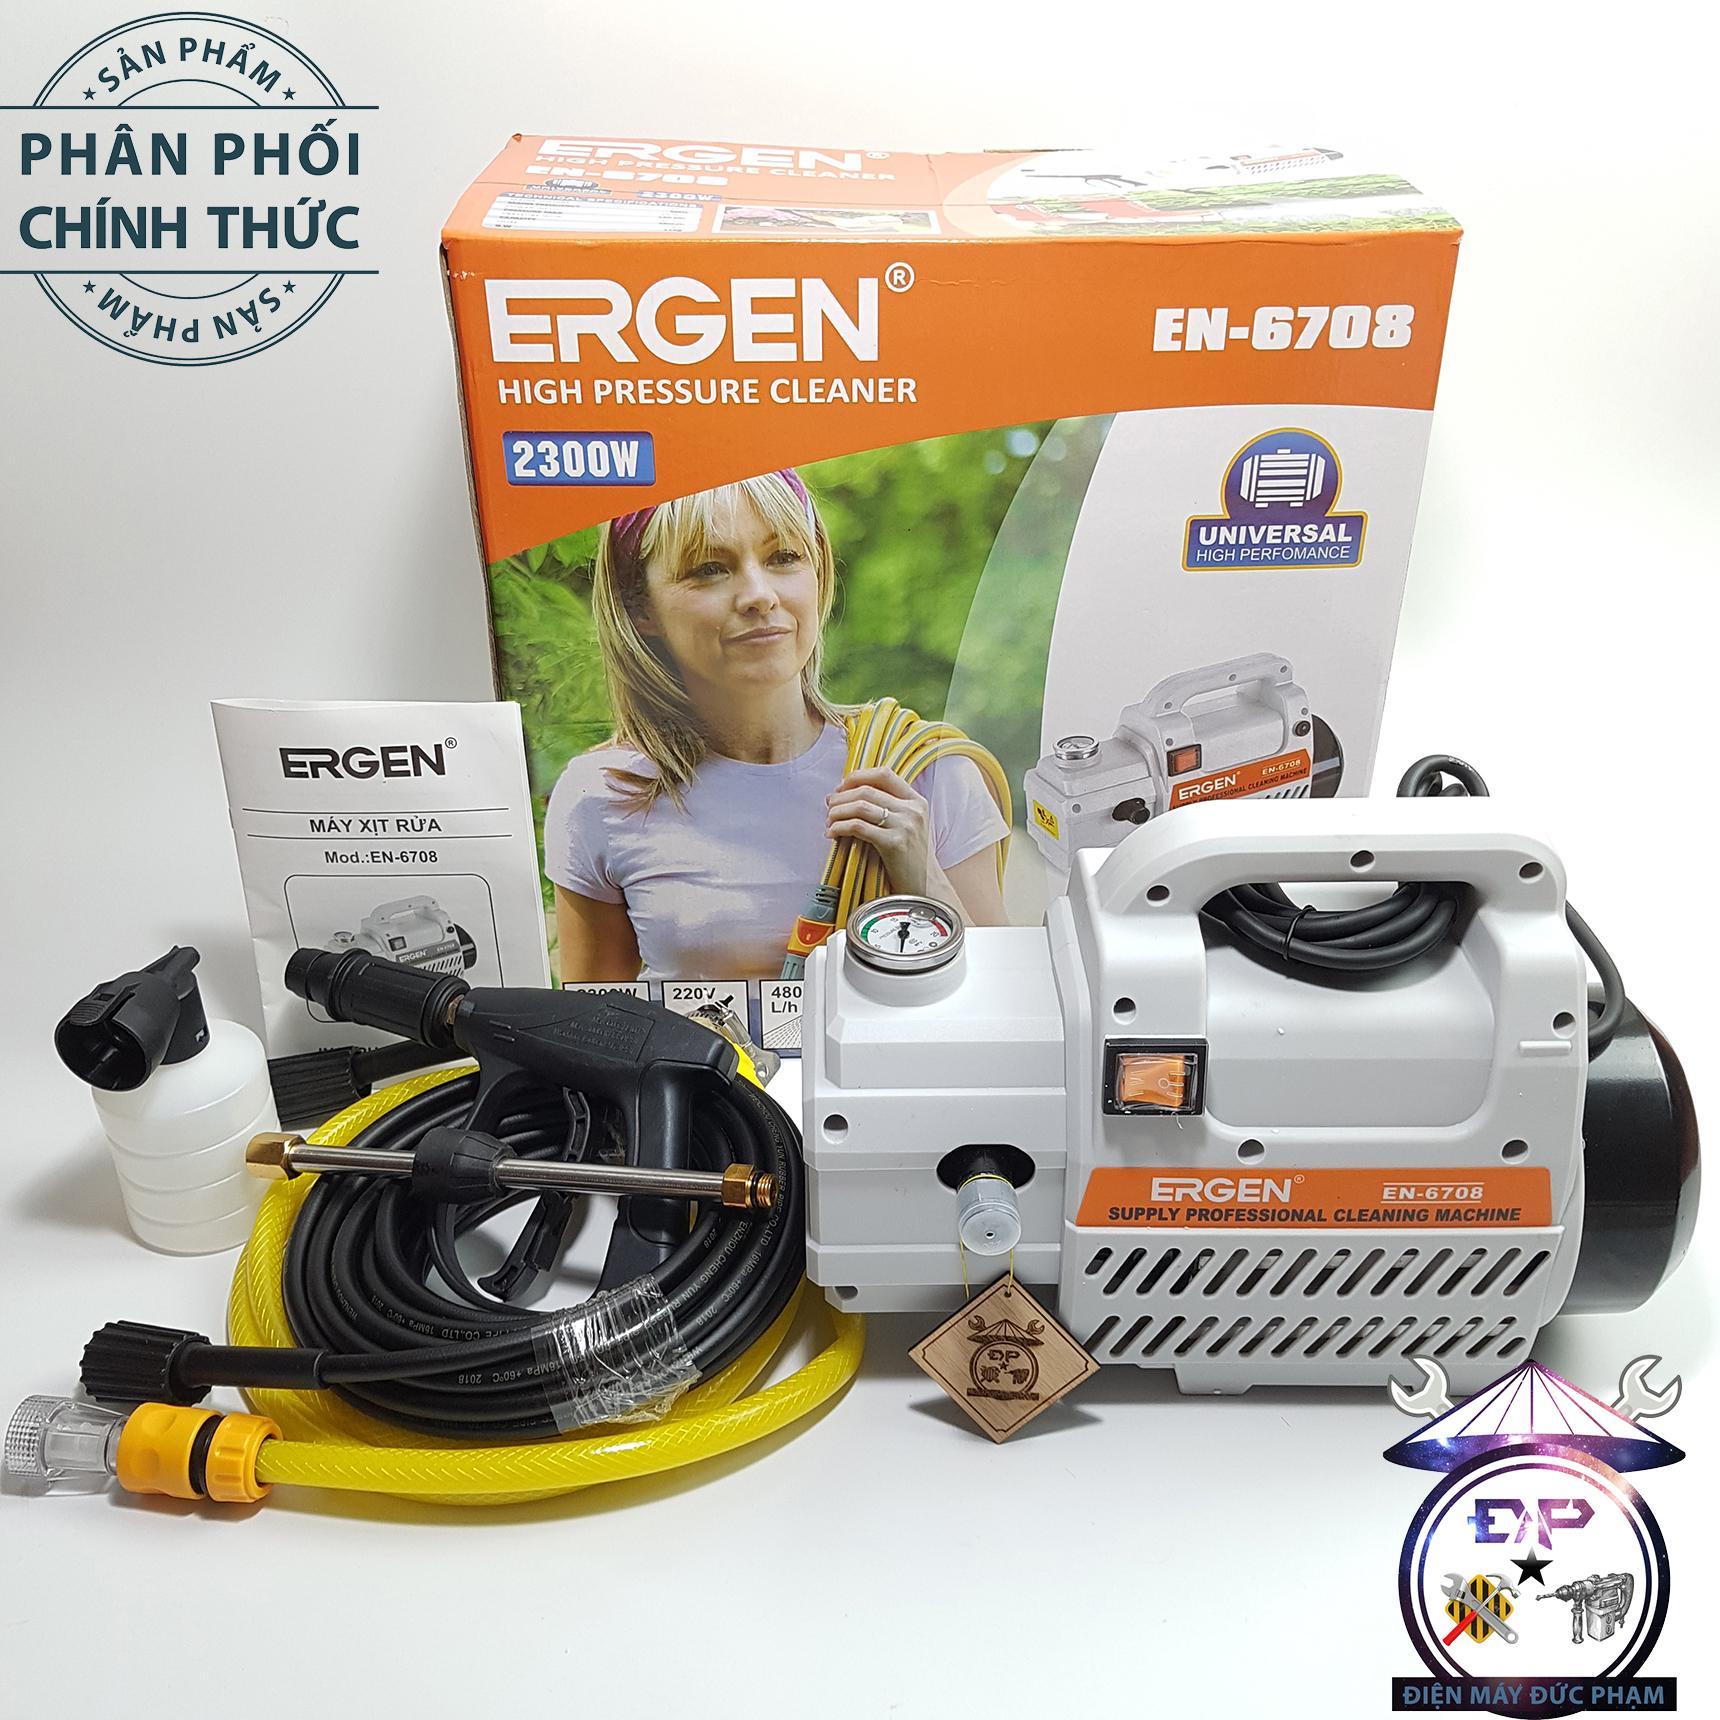 Máy bơm xịt rửa xe áp lực cao tự hút nước Ergen EN-6708-2300W-Công Ty